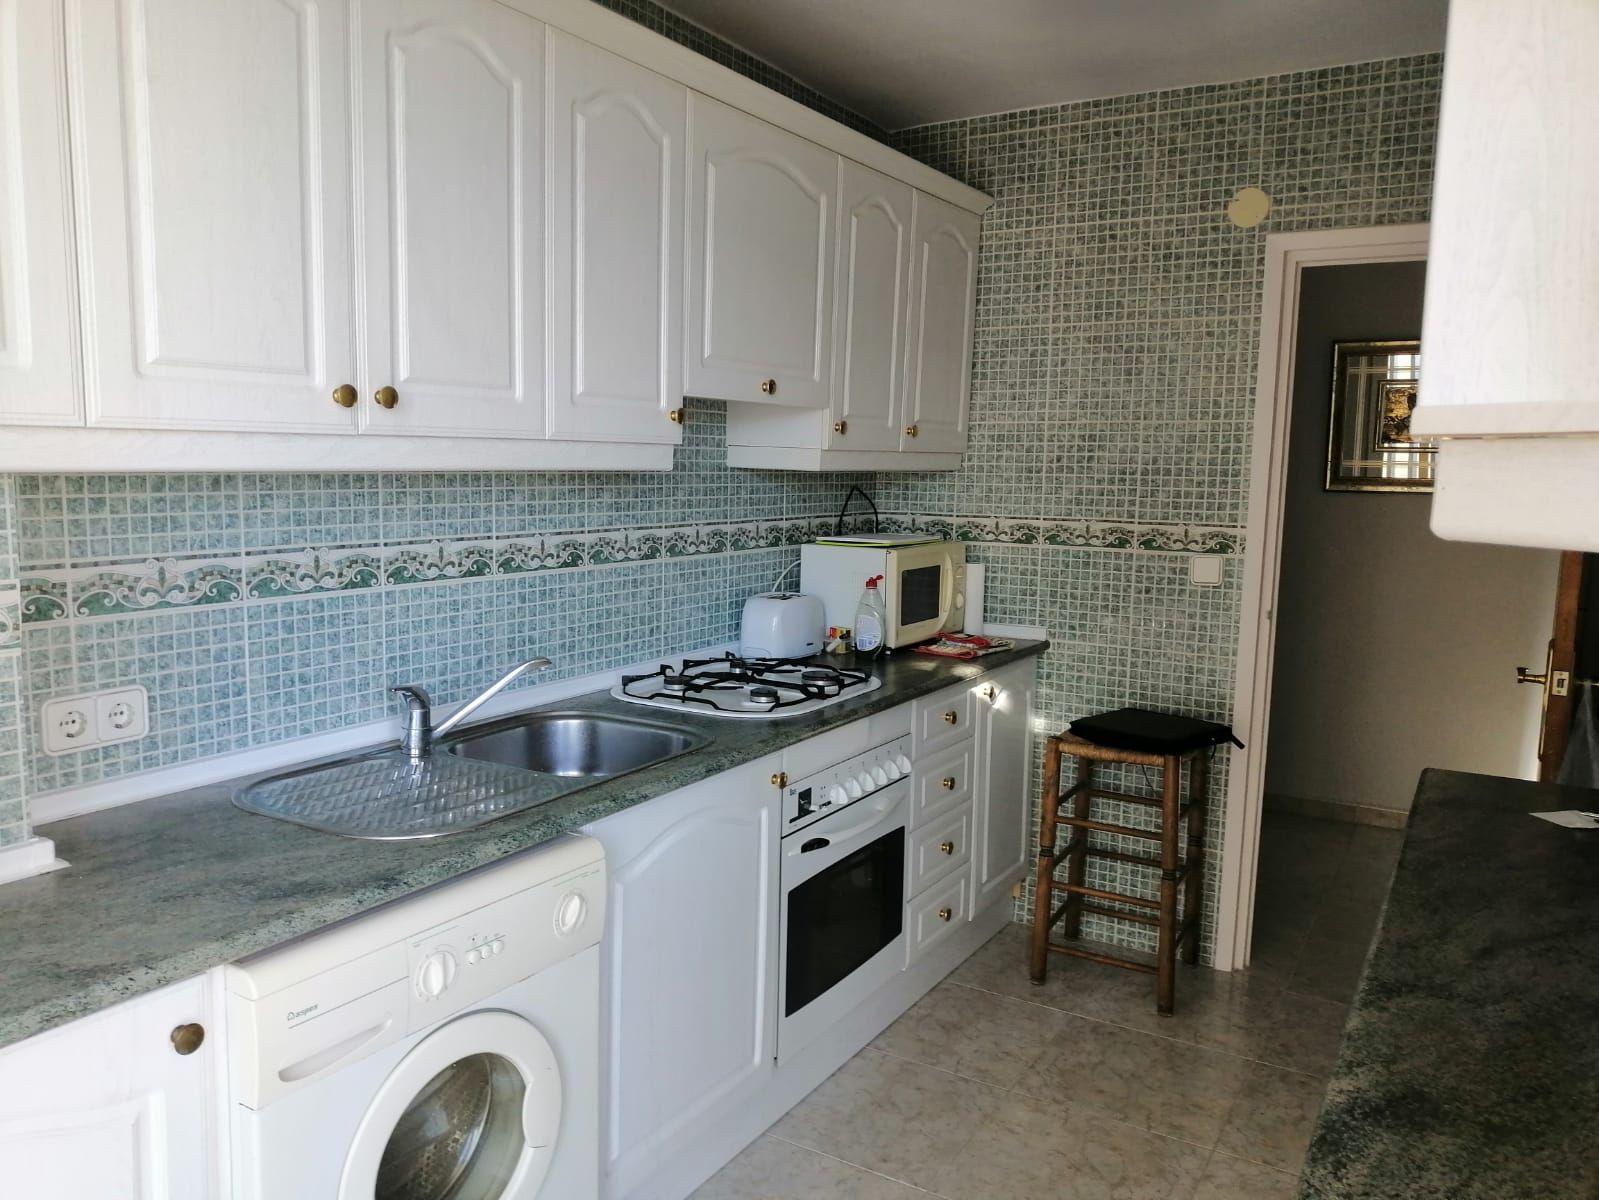 Cocina del acogedor apartamento de 2 dormitorios con vistas al mar